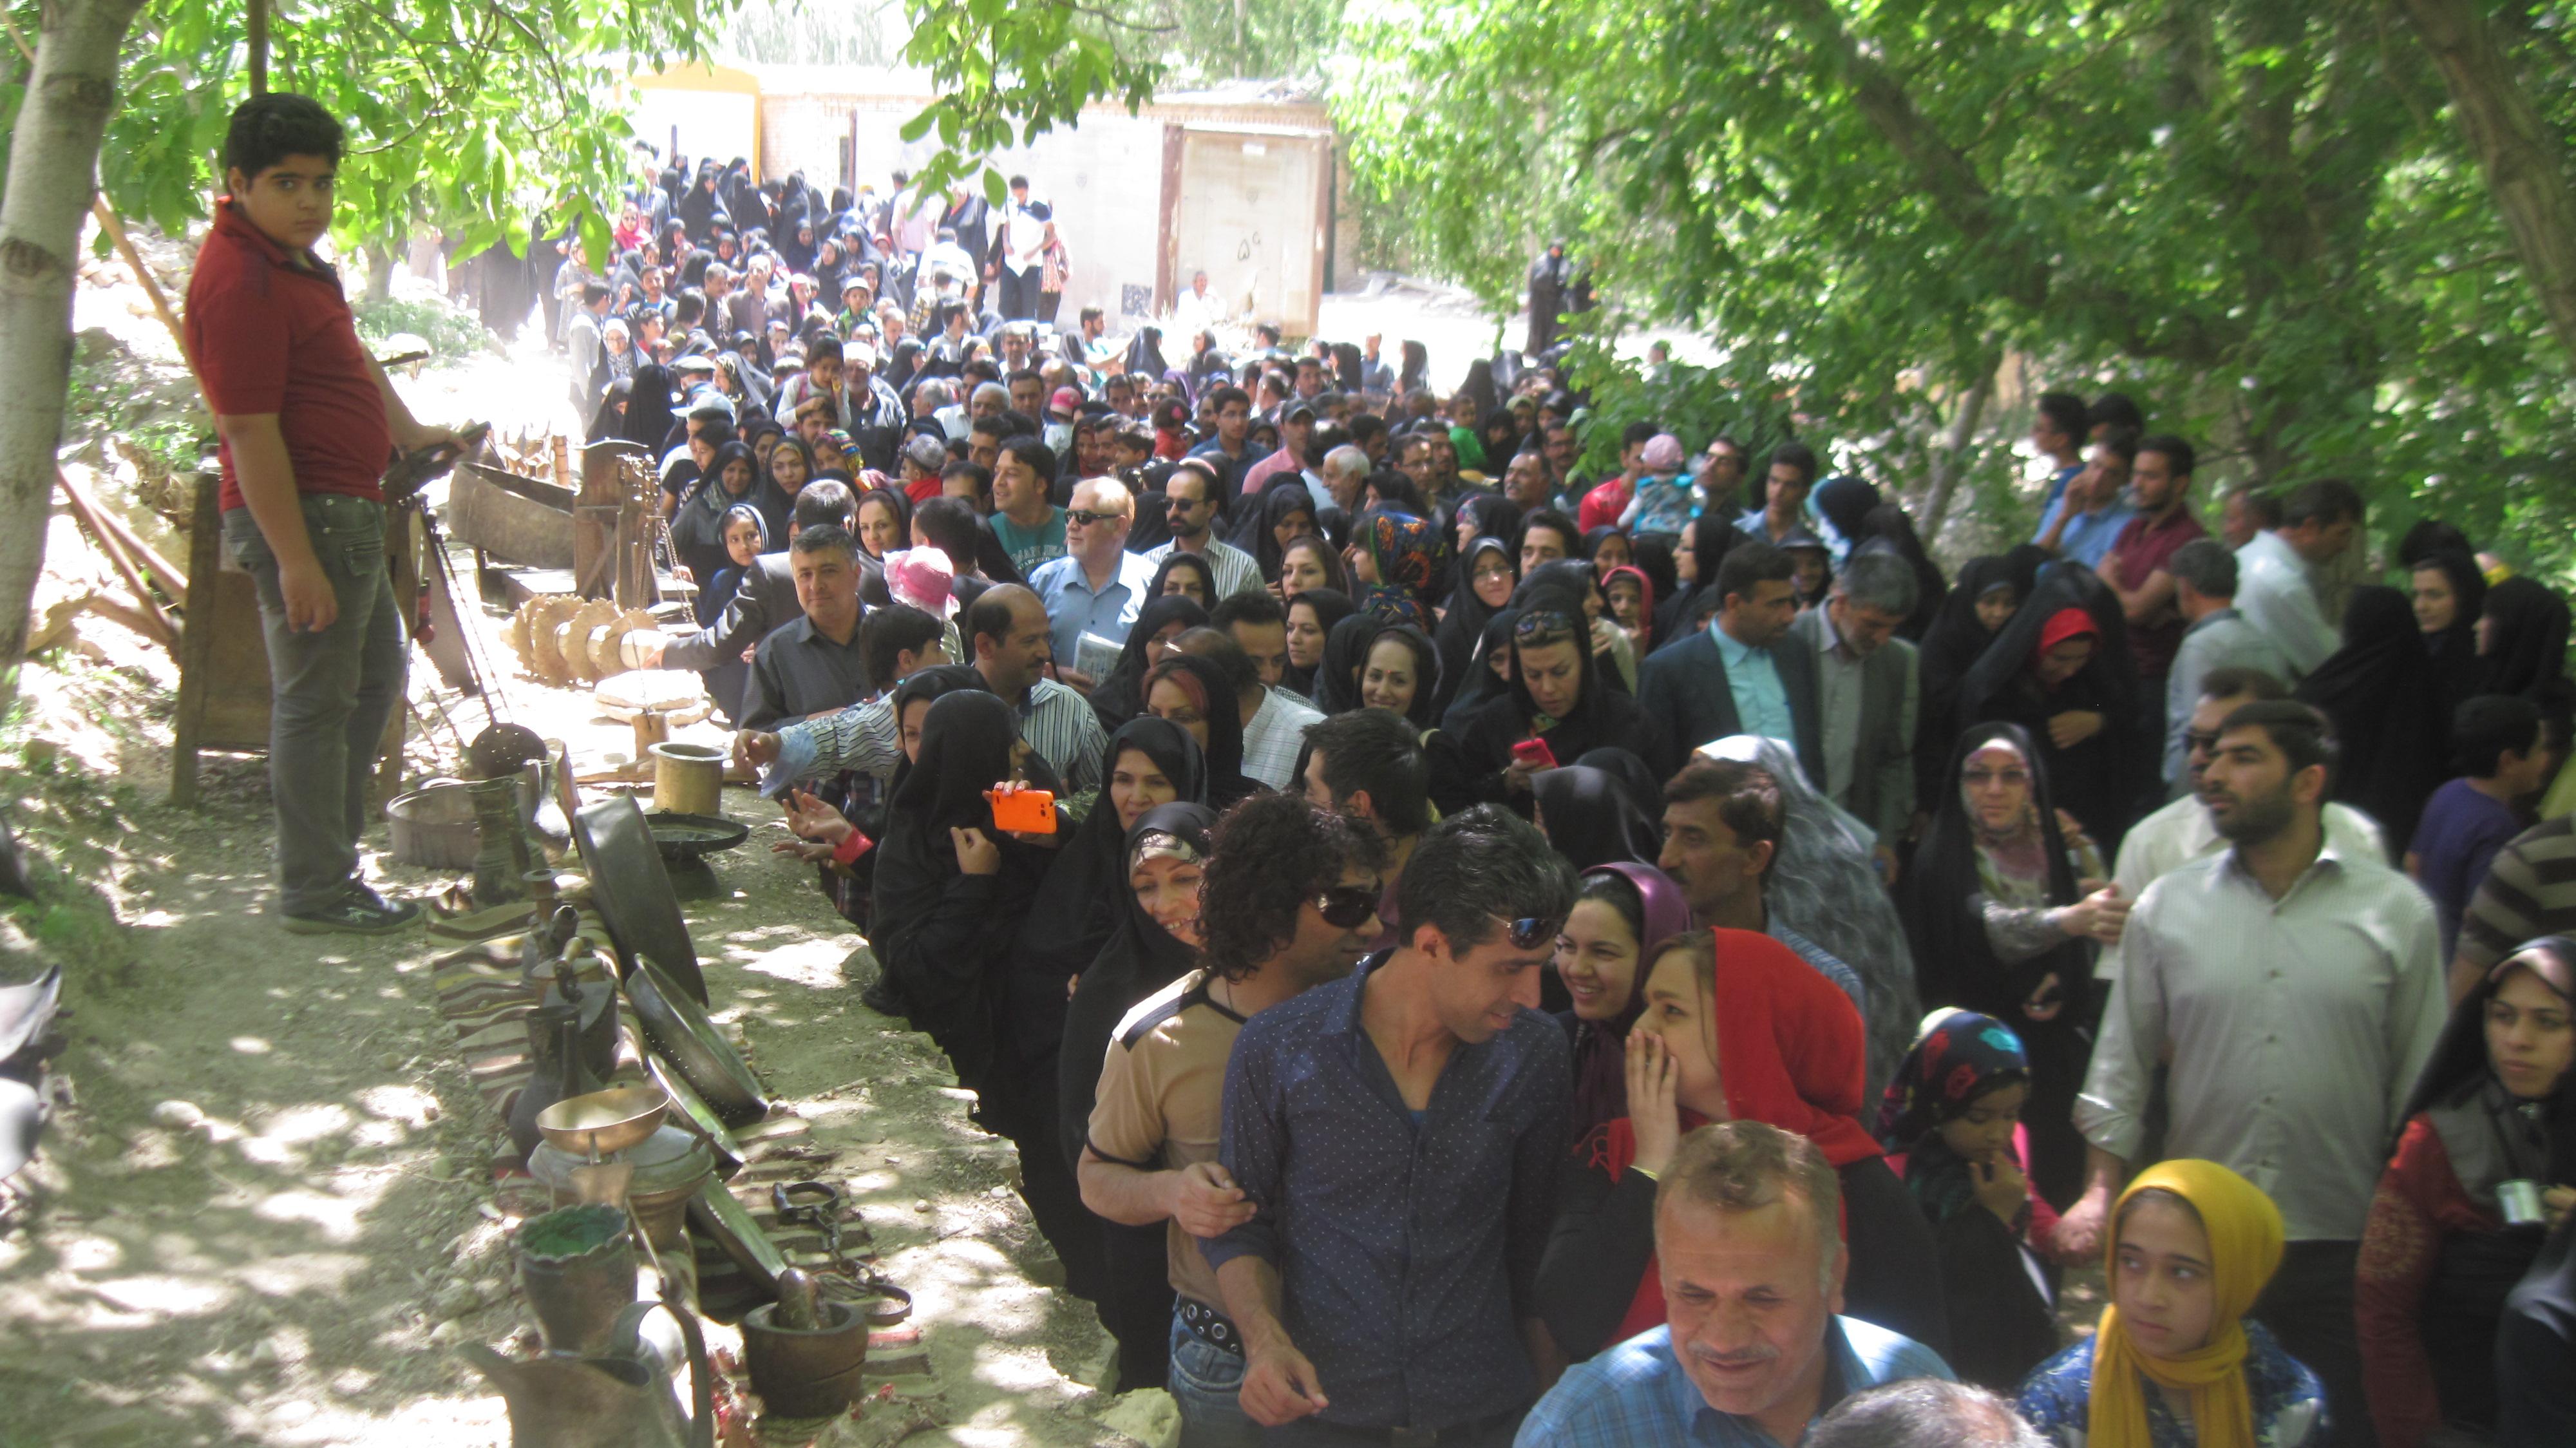 دومین جشنواره آئین امامدر (شیردوشان) شهر دیباج